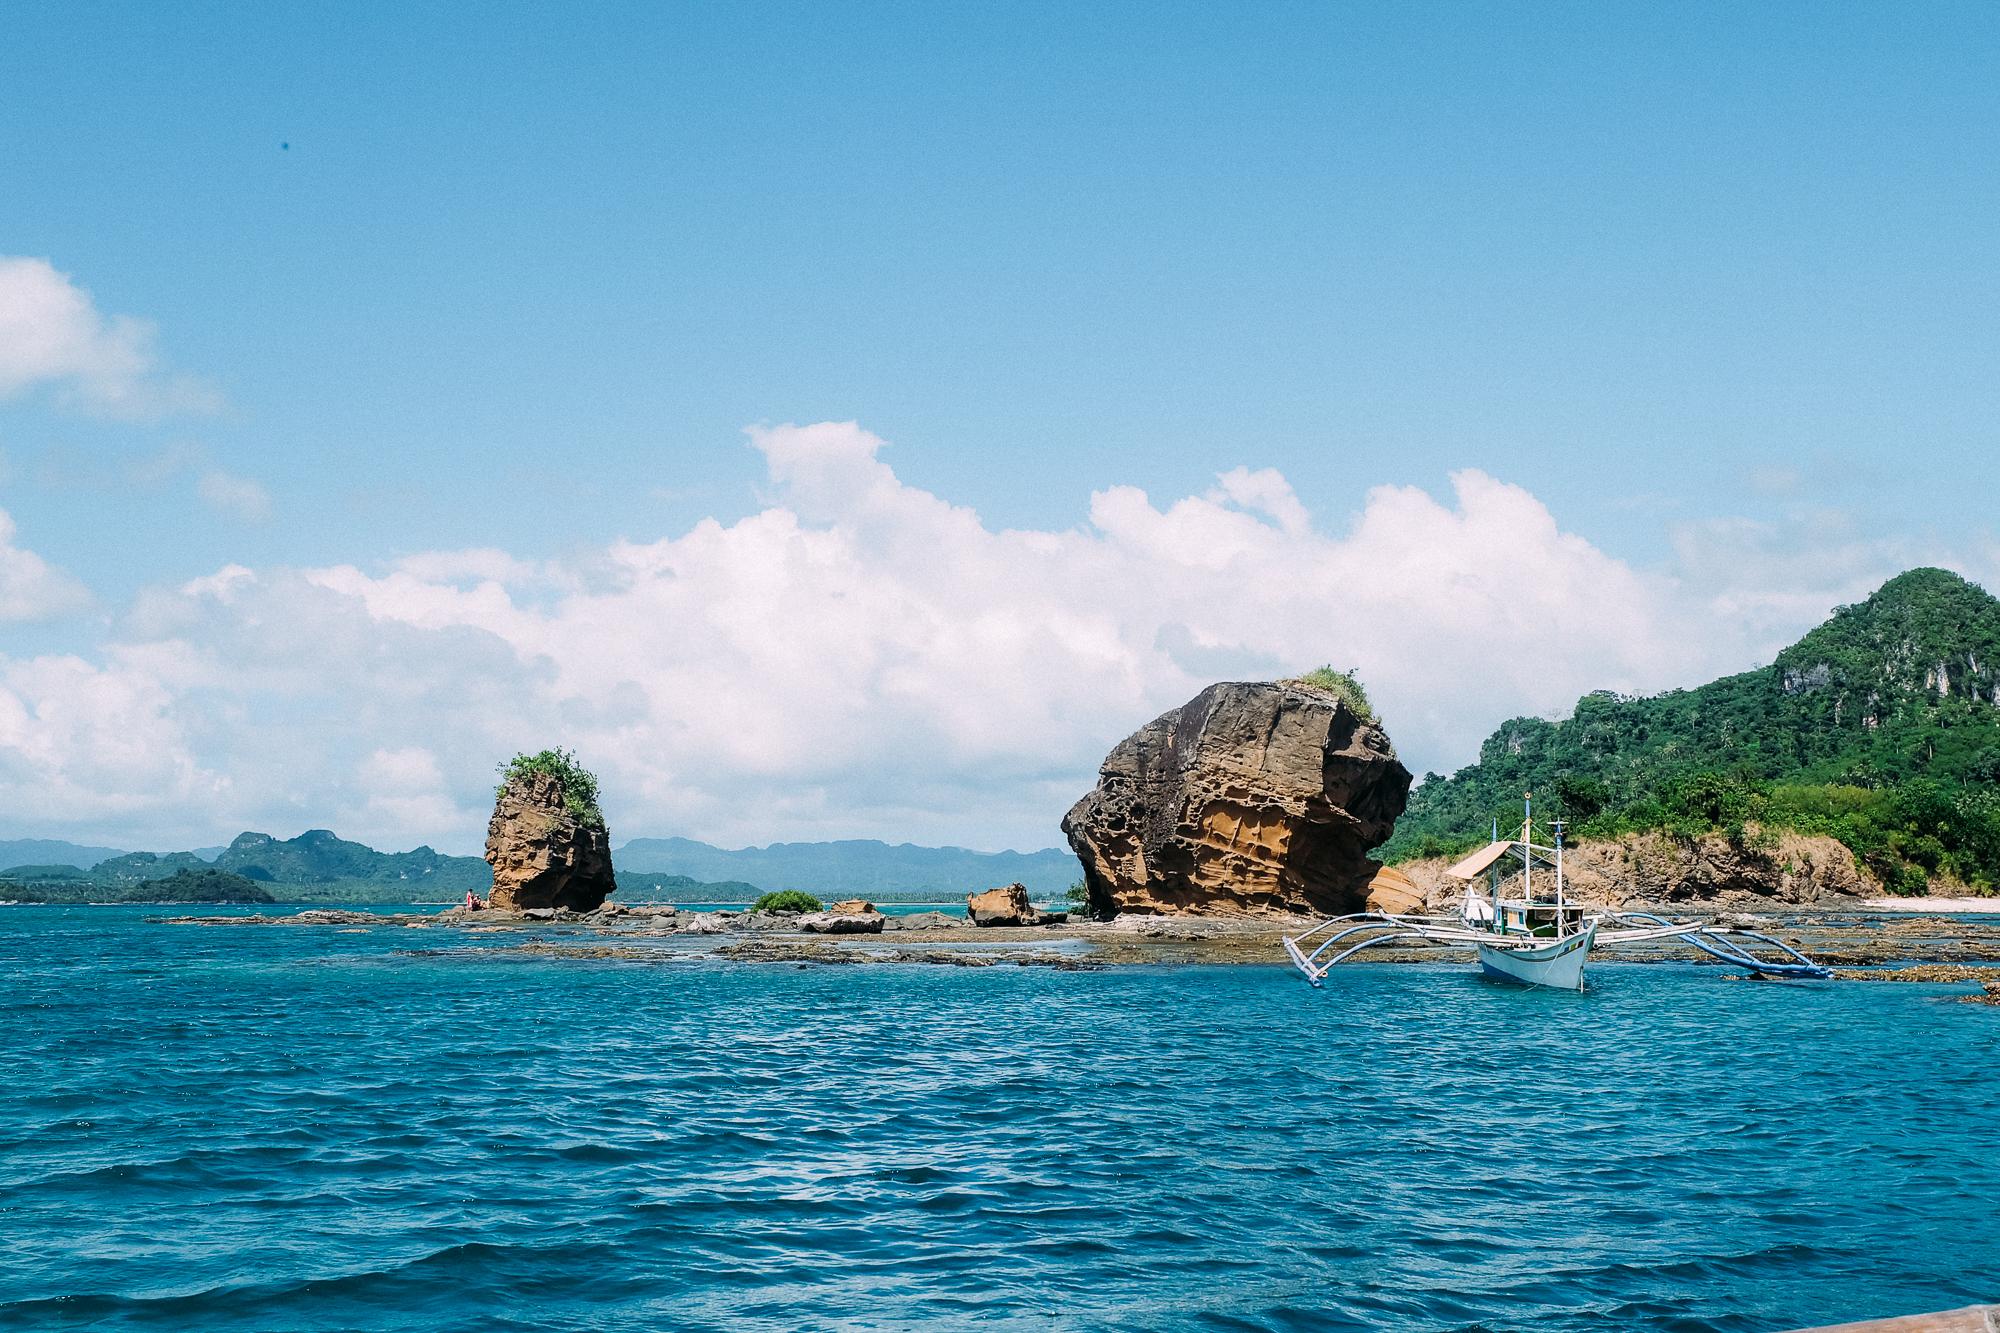 Borawan Philippines (4 of 8)